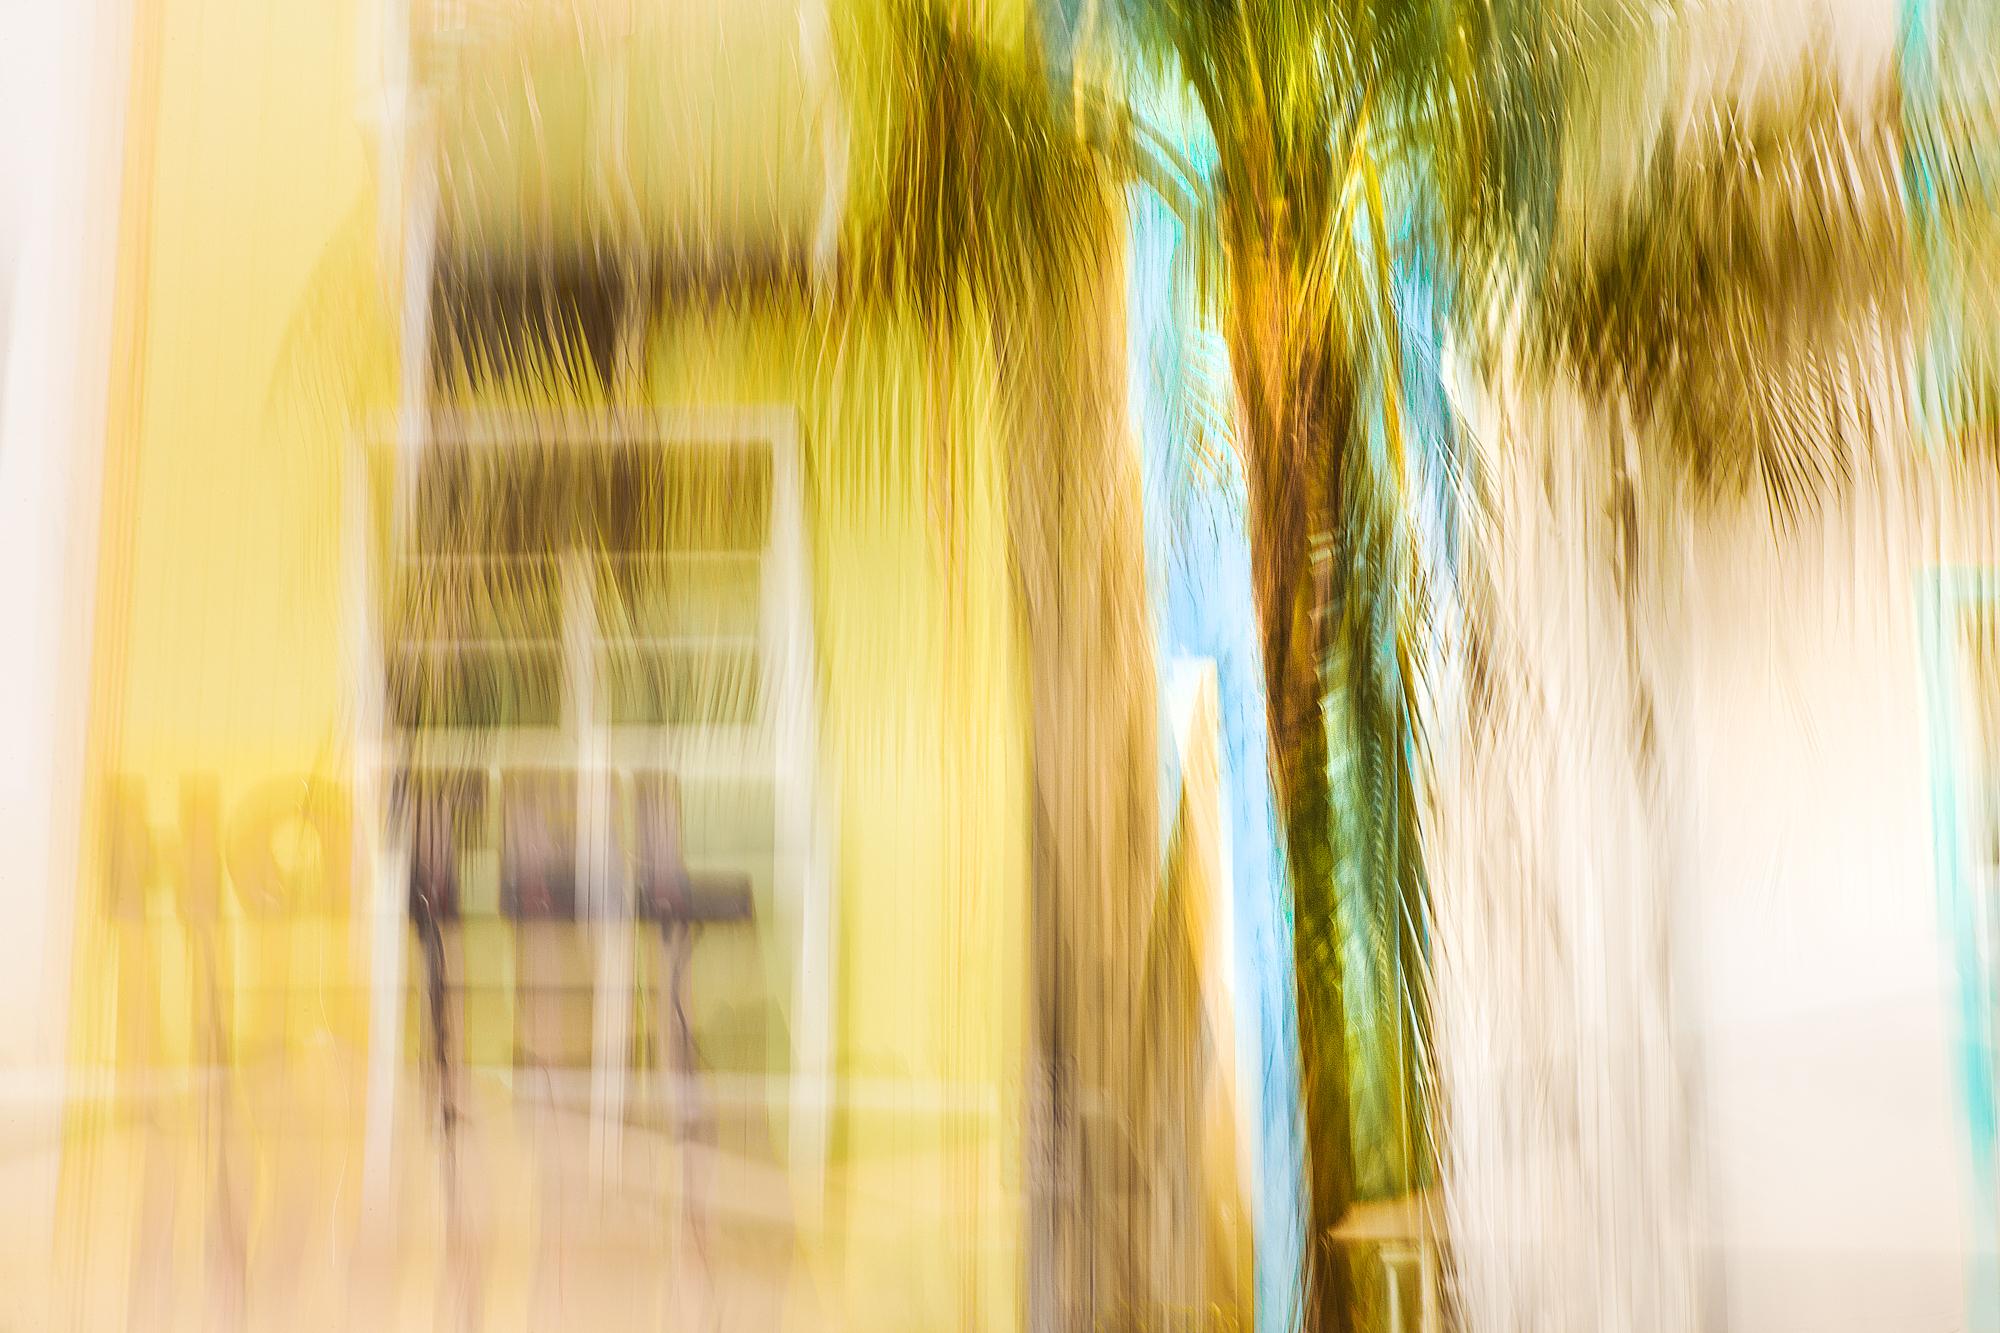 Miami_OcenDrive_2015_RP.jpg